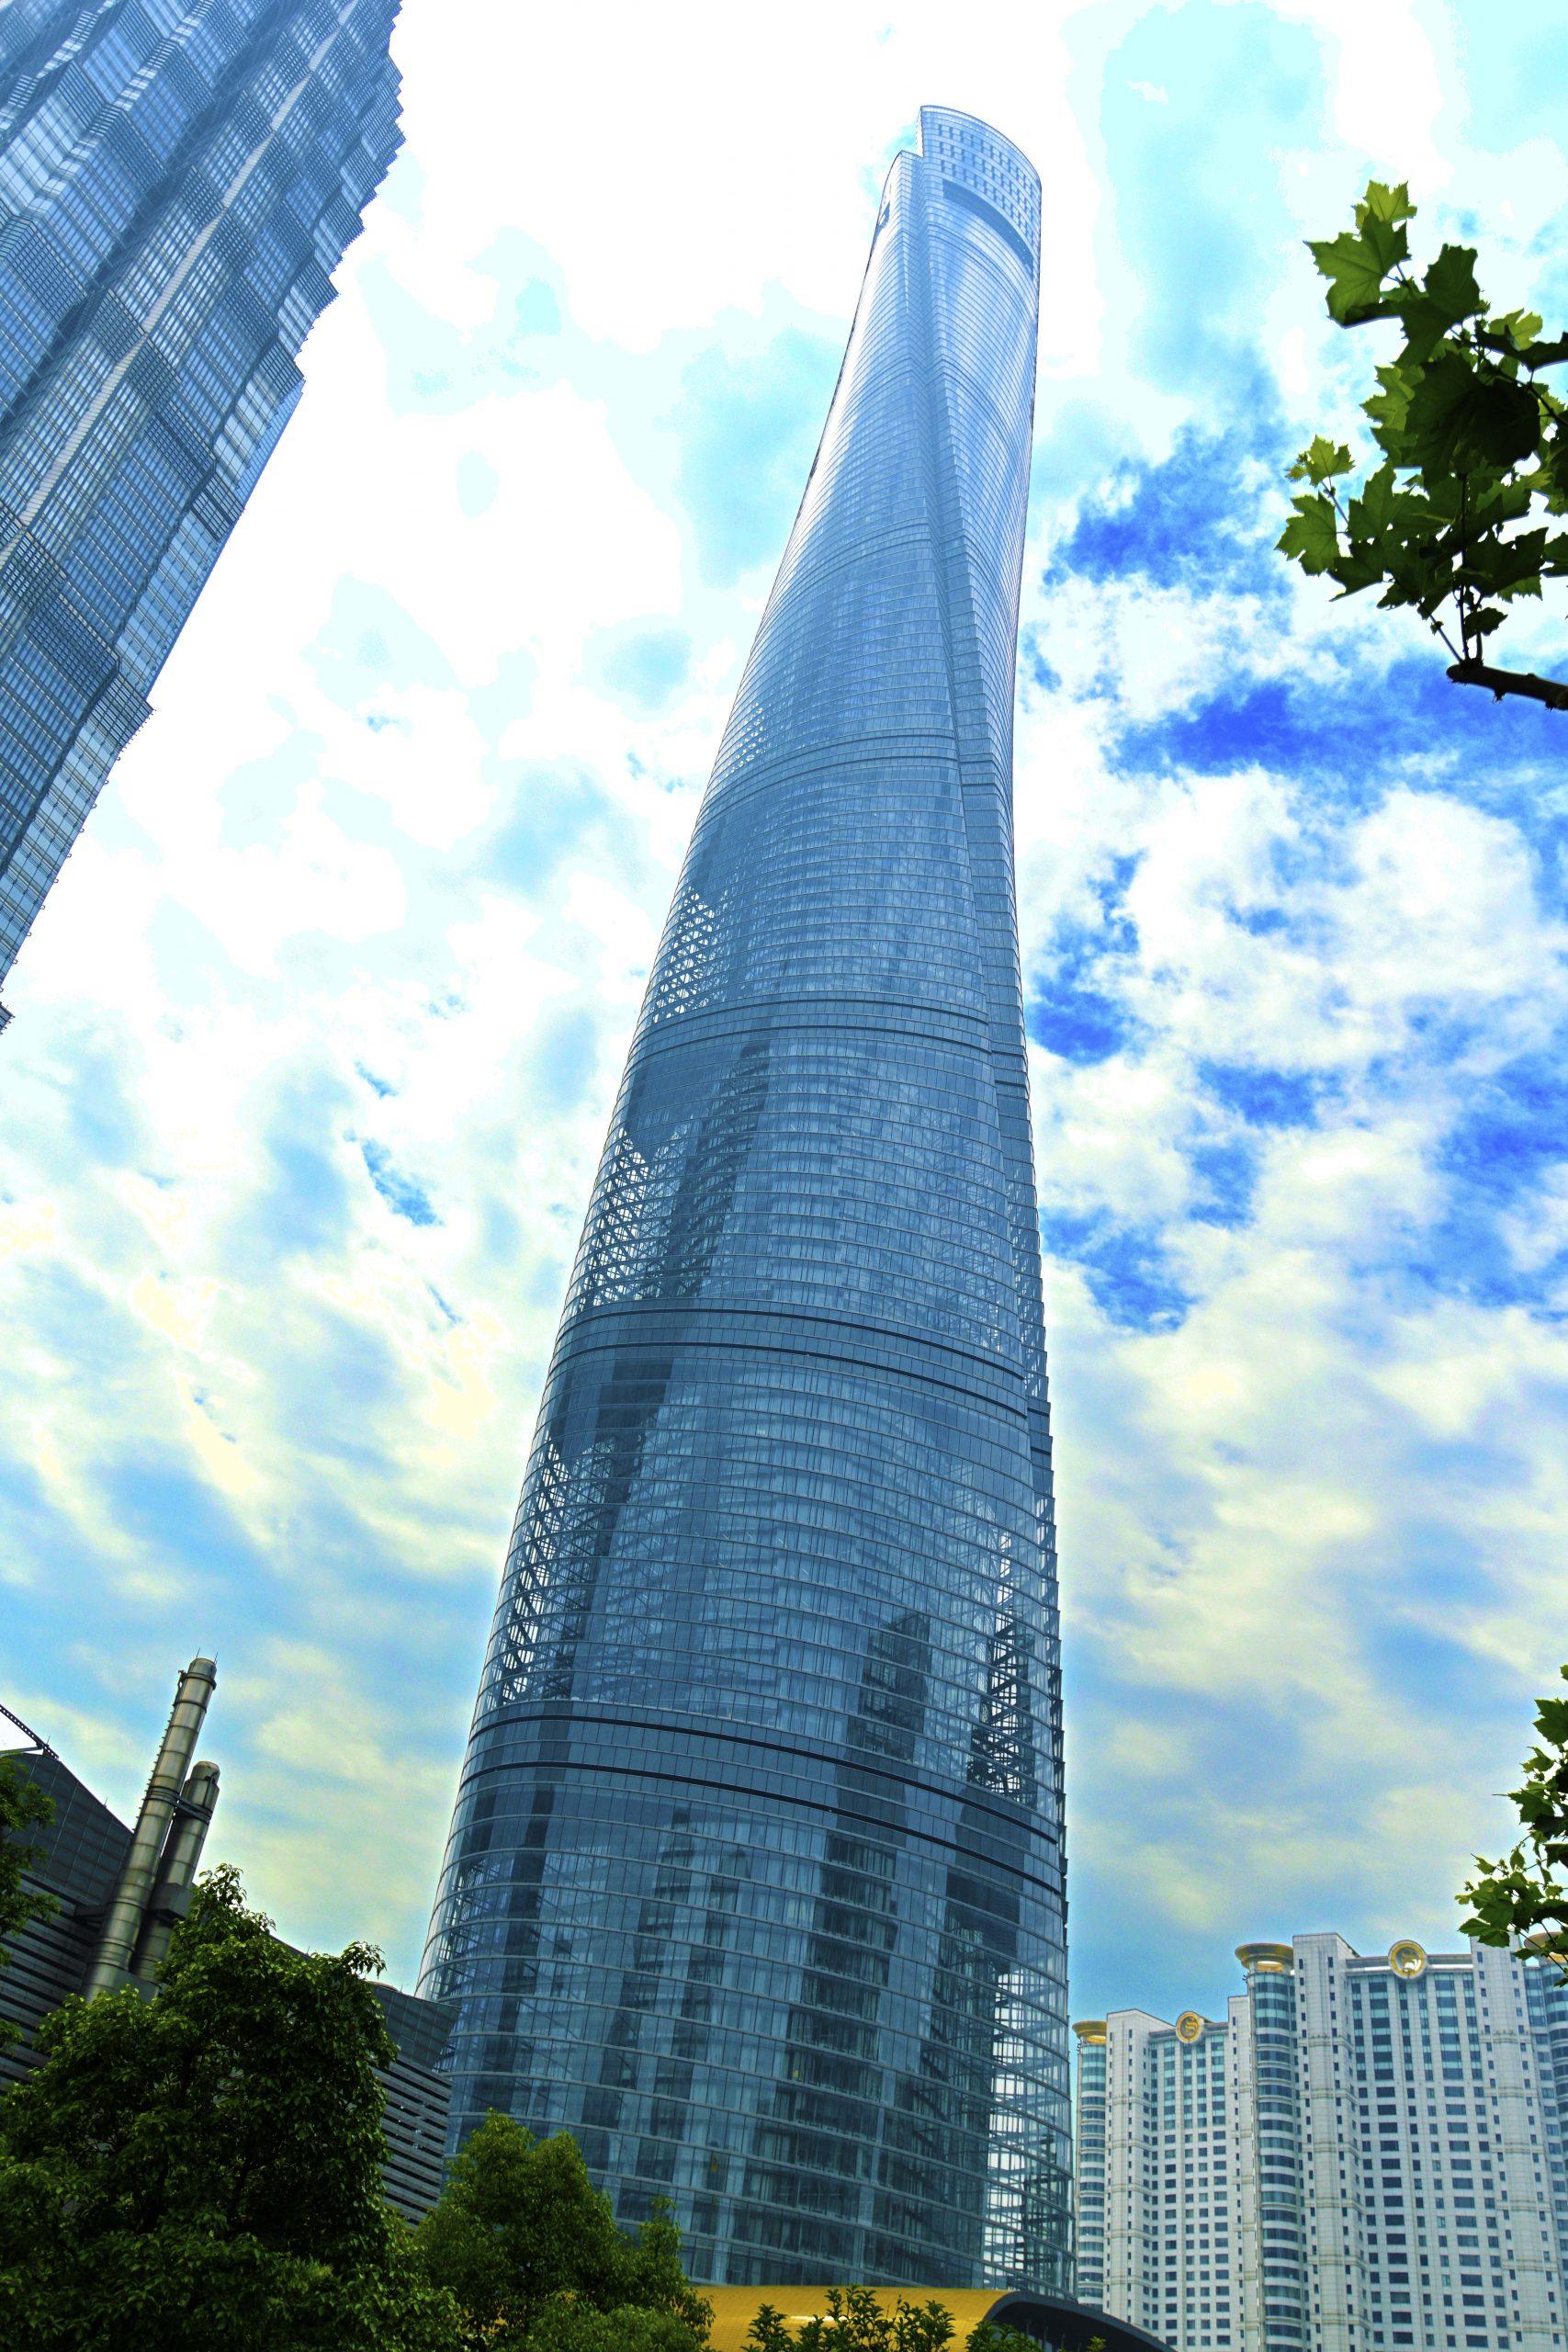 Shanghai Tower - China